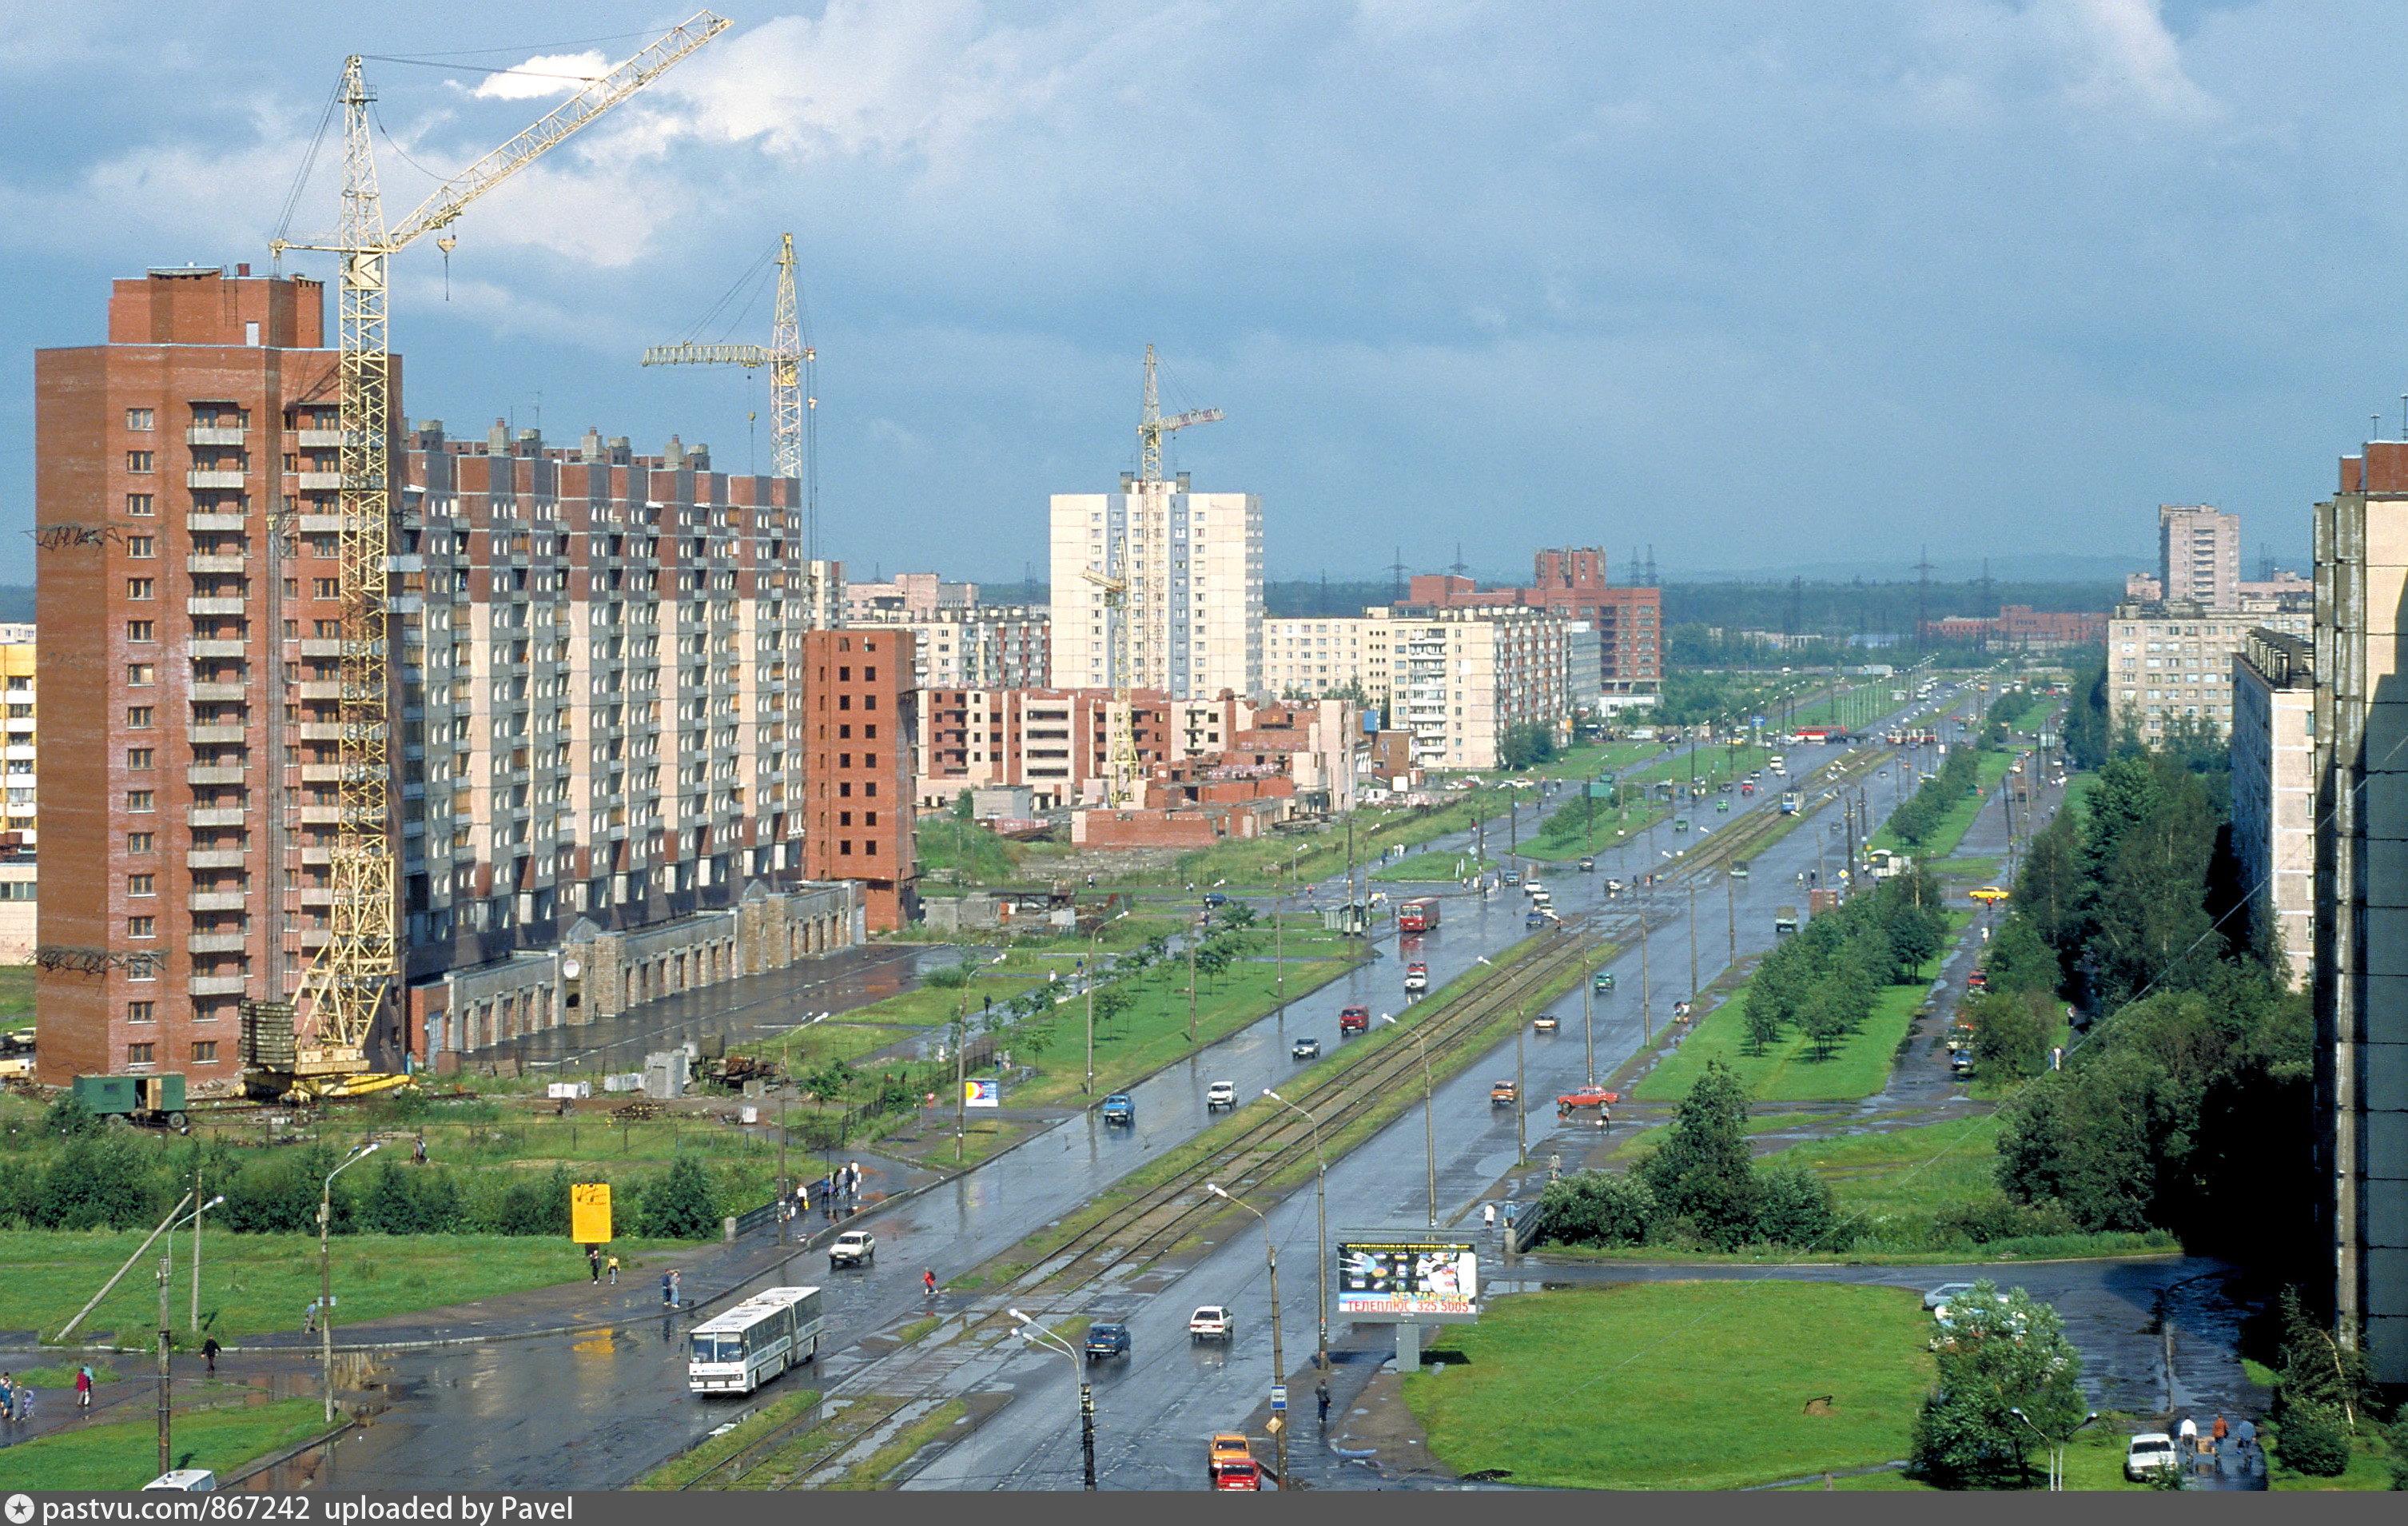 Охреневший Гульчук плюет с высокой колокольни на желание петербуржцев улучшить Невский район